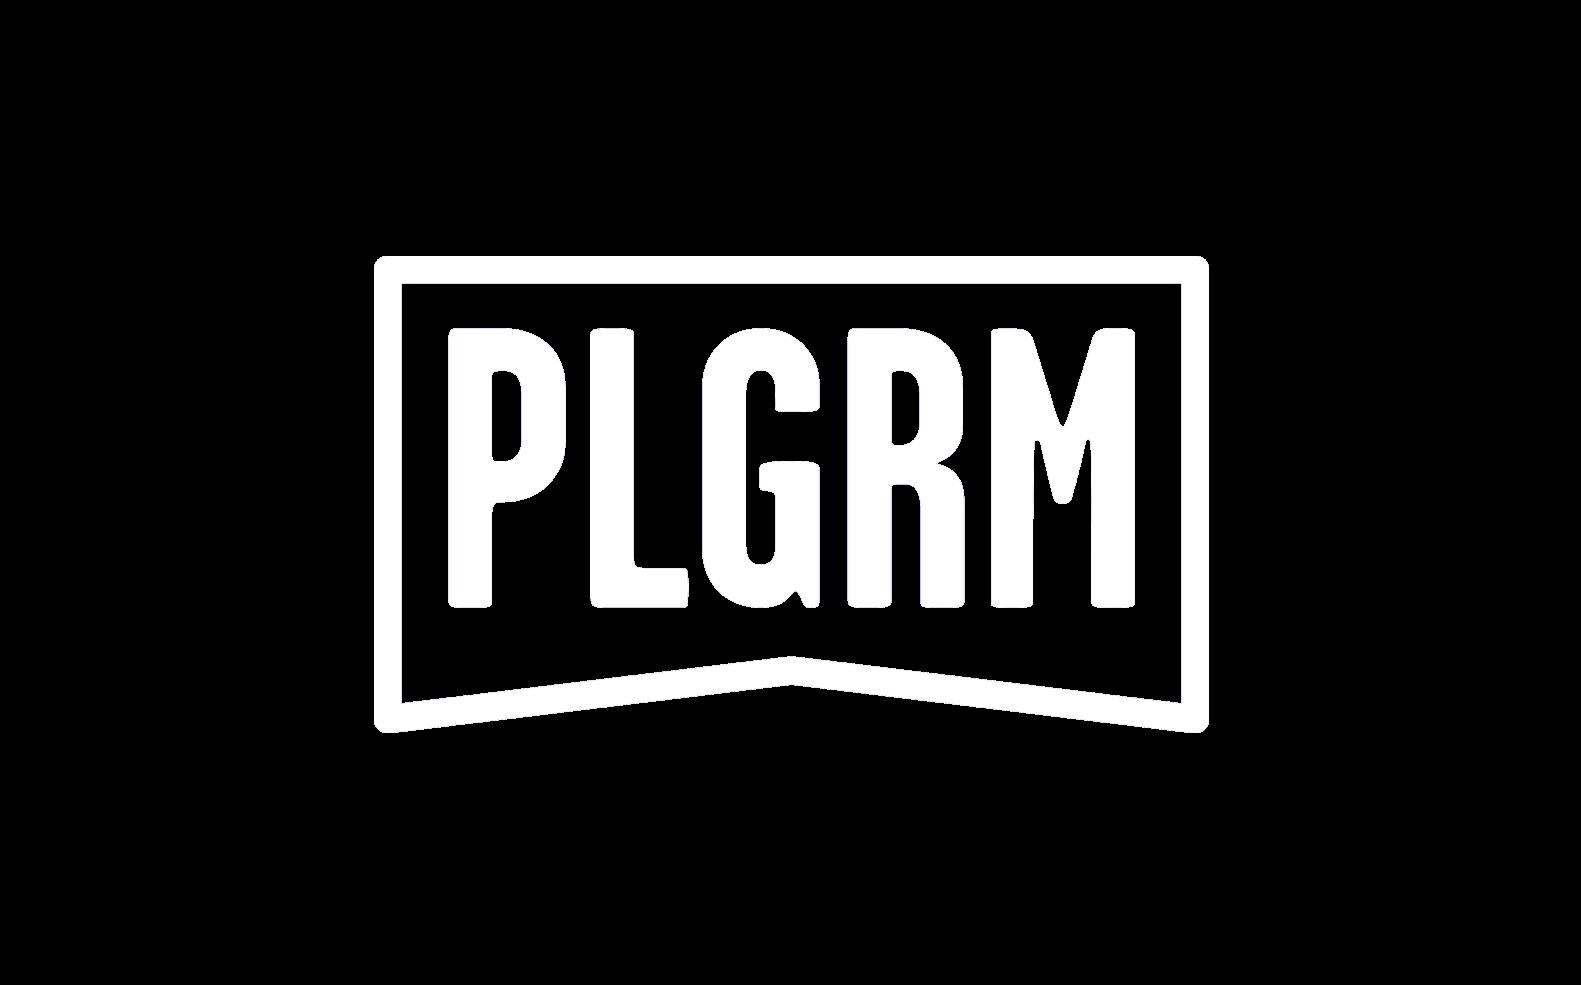 PLGRM White Logo 1 - Copy.png